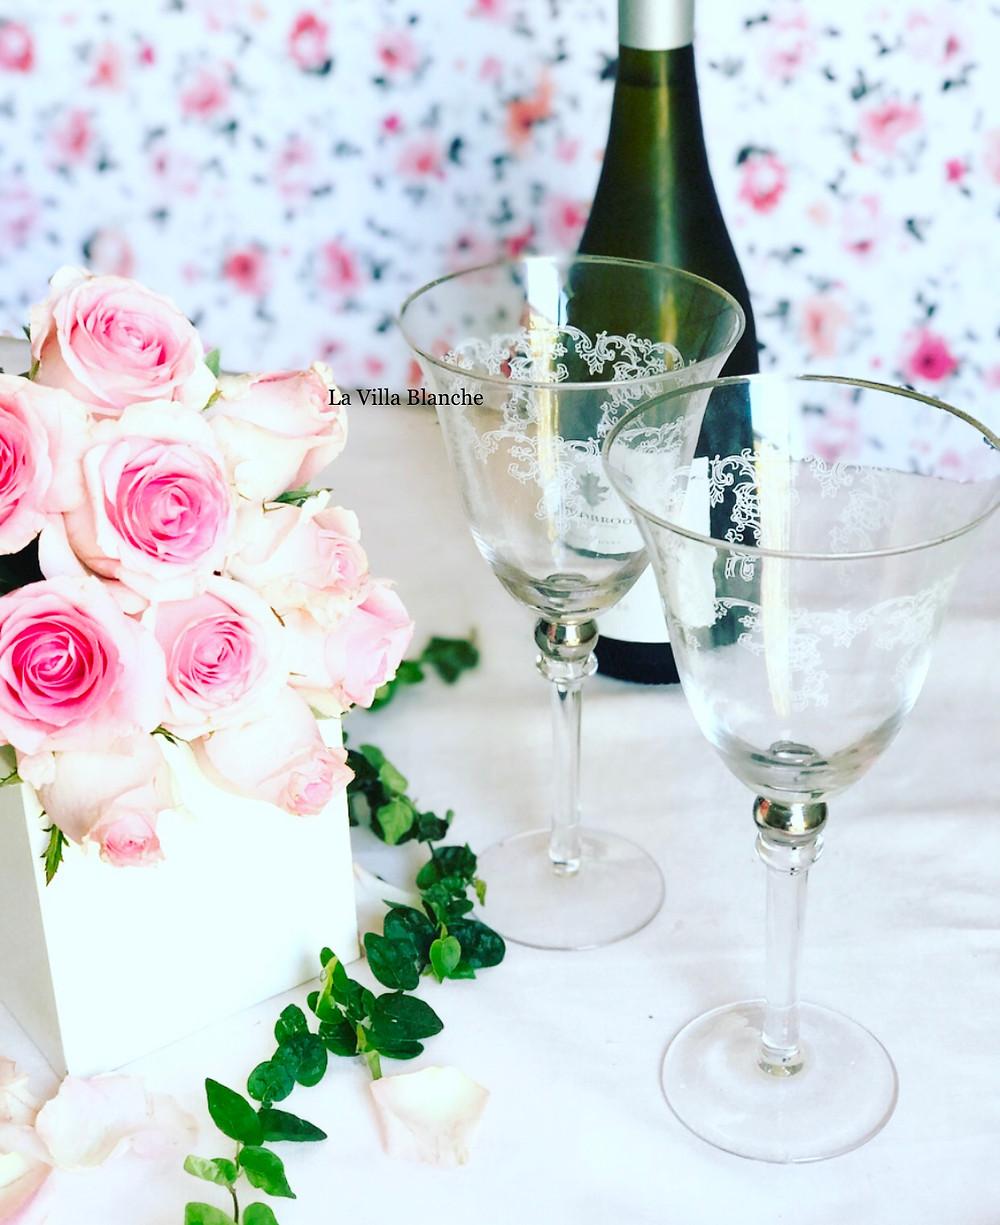 wine & wine glasses